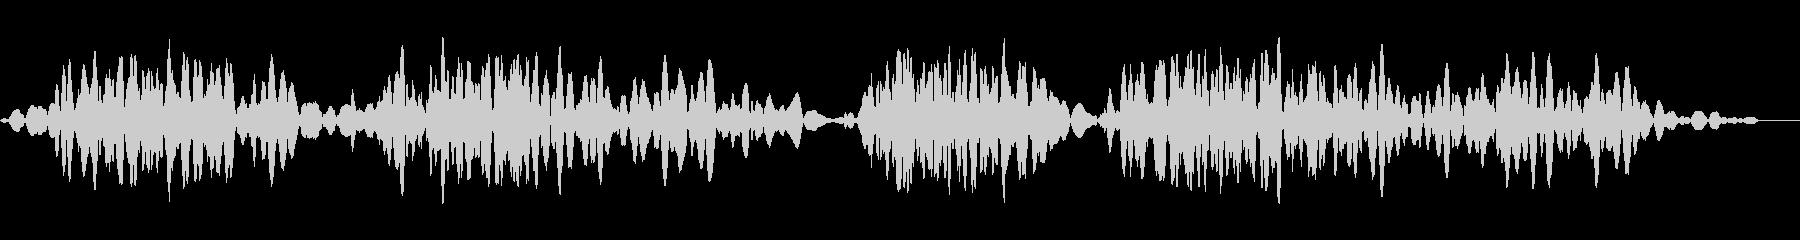 ローテープスクラブ4の未再生の波形